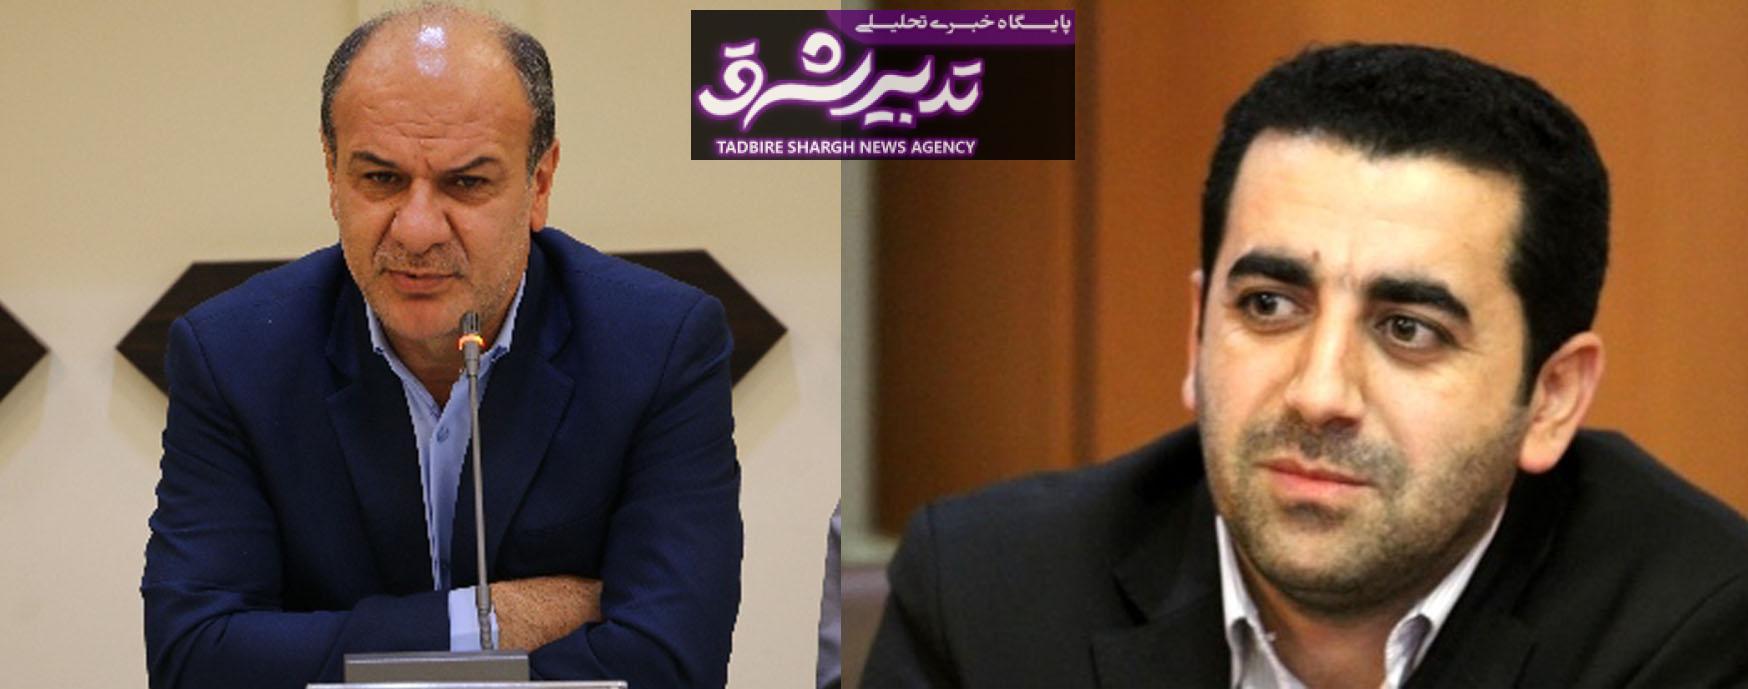 فریبرز سعیدی کیا فرماندار شهرستان آستانه اشرفیه